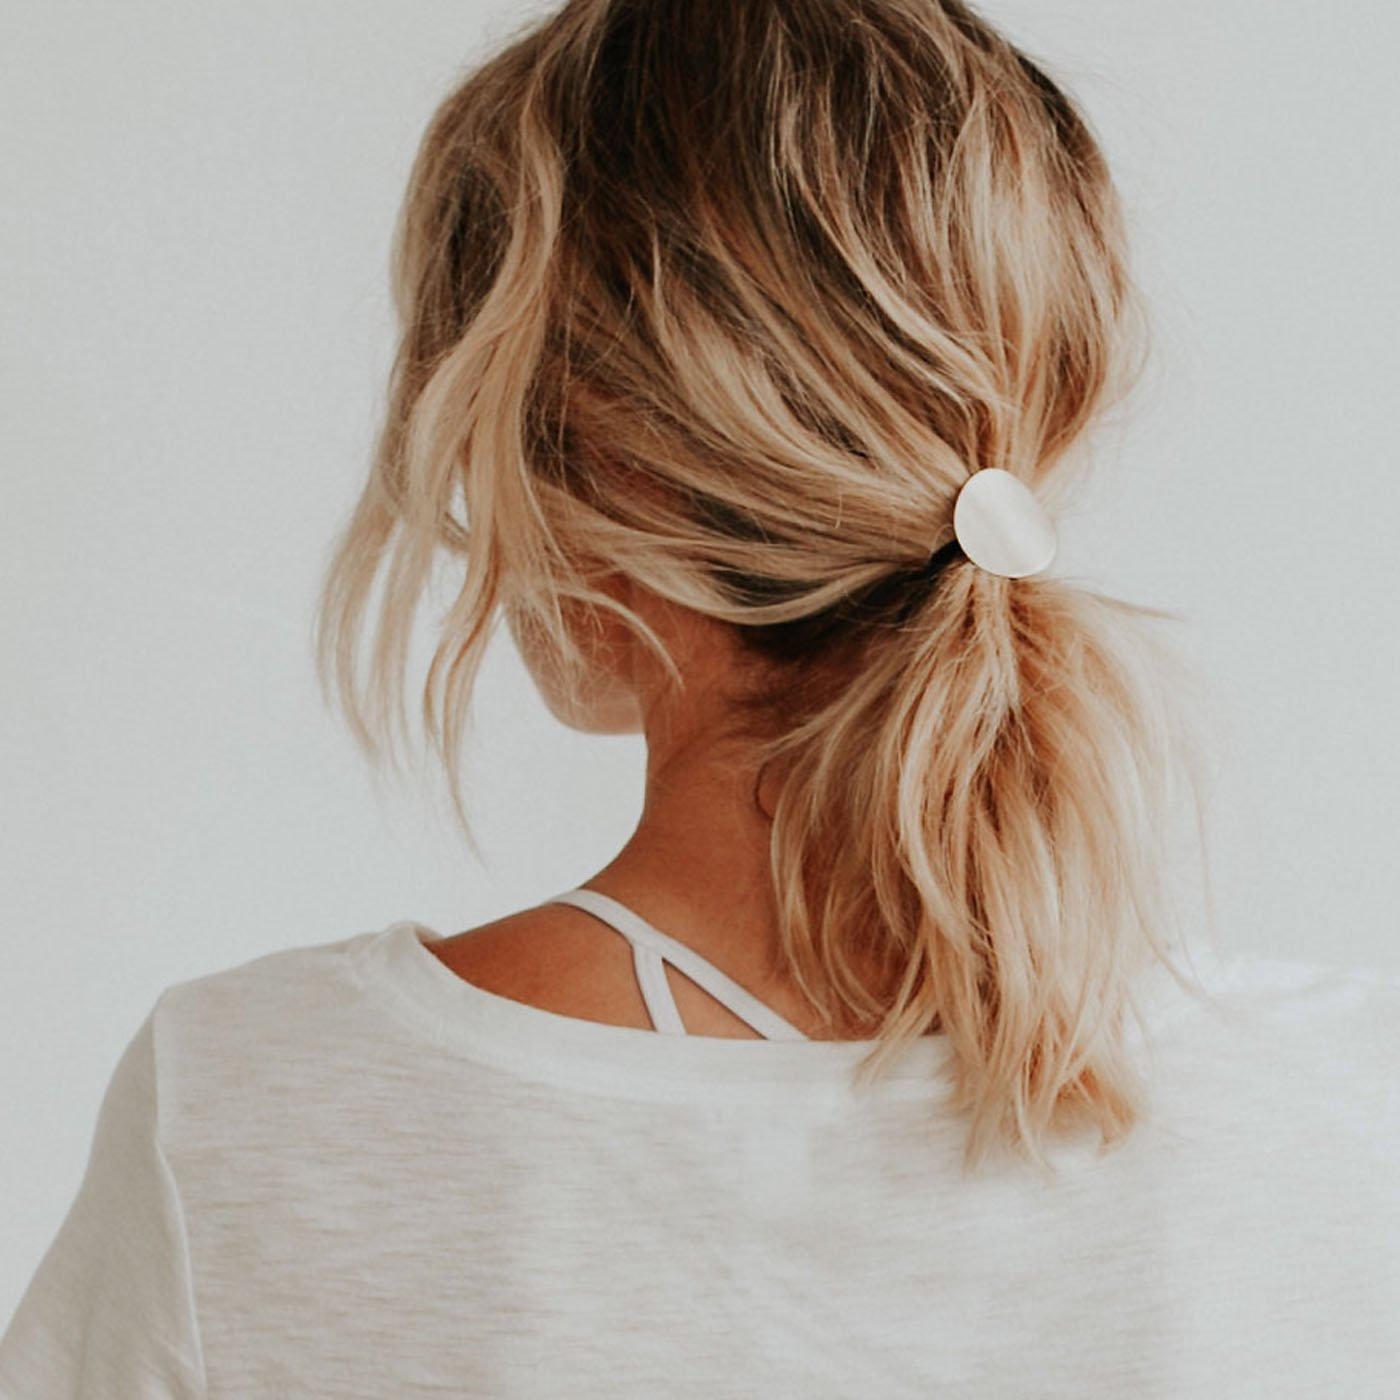 Хвост на средние волосы фото 12